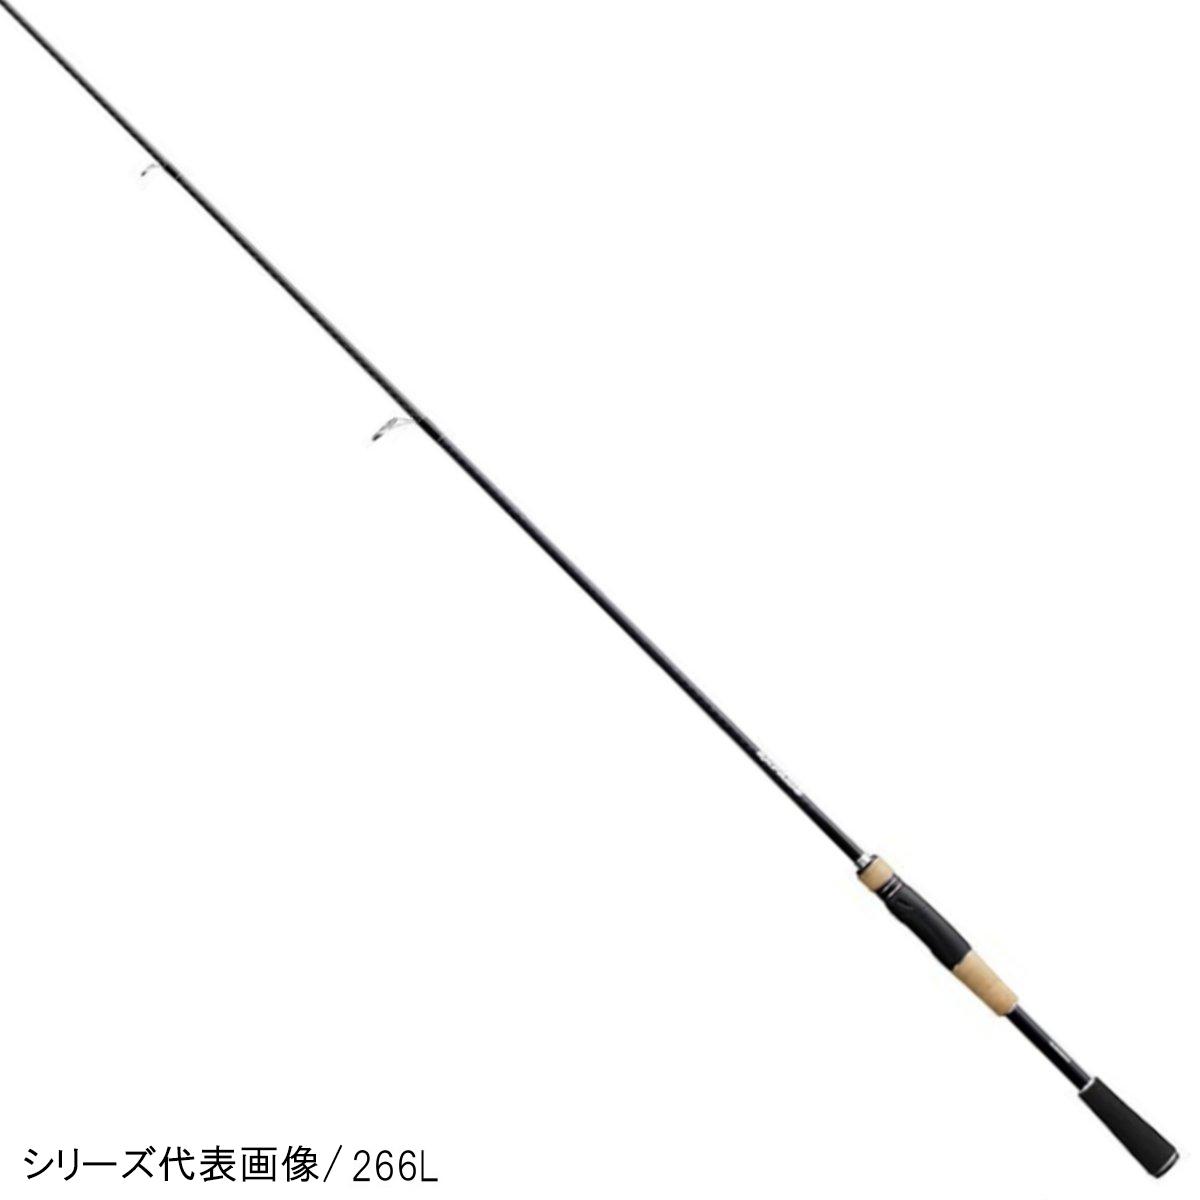 シマノ エクスプライド 263L-S【大型商品】